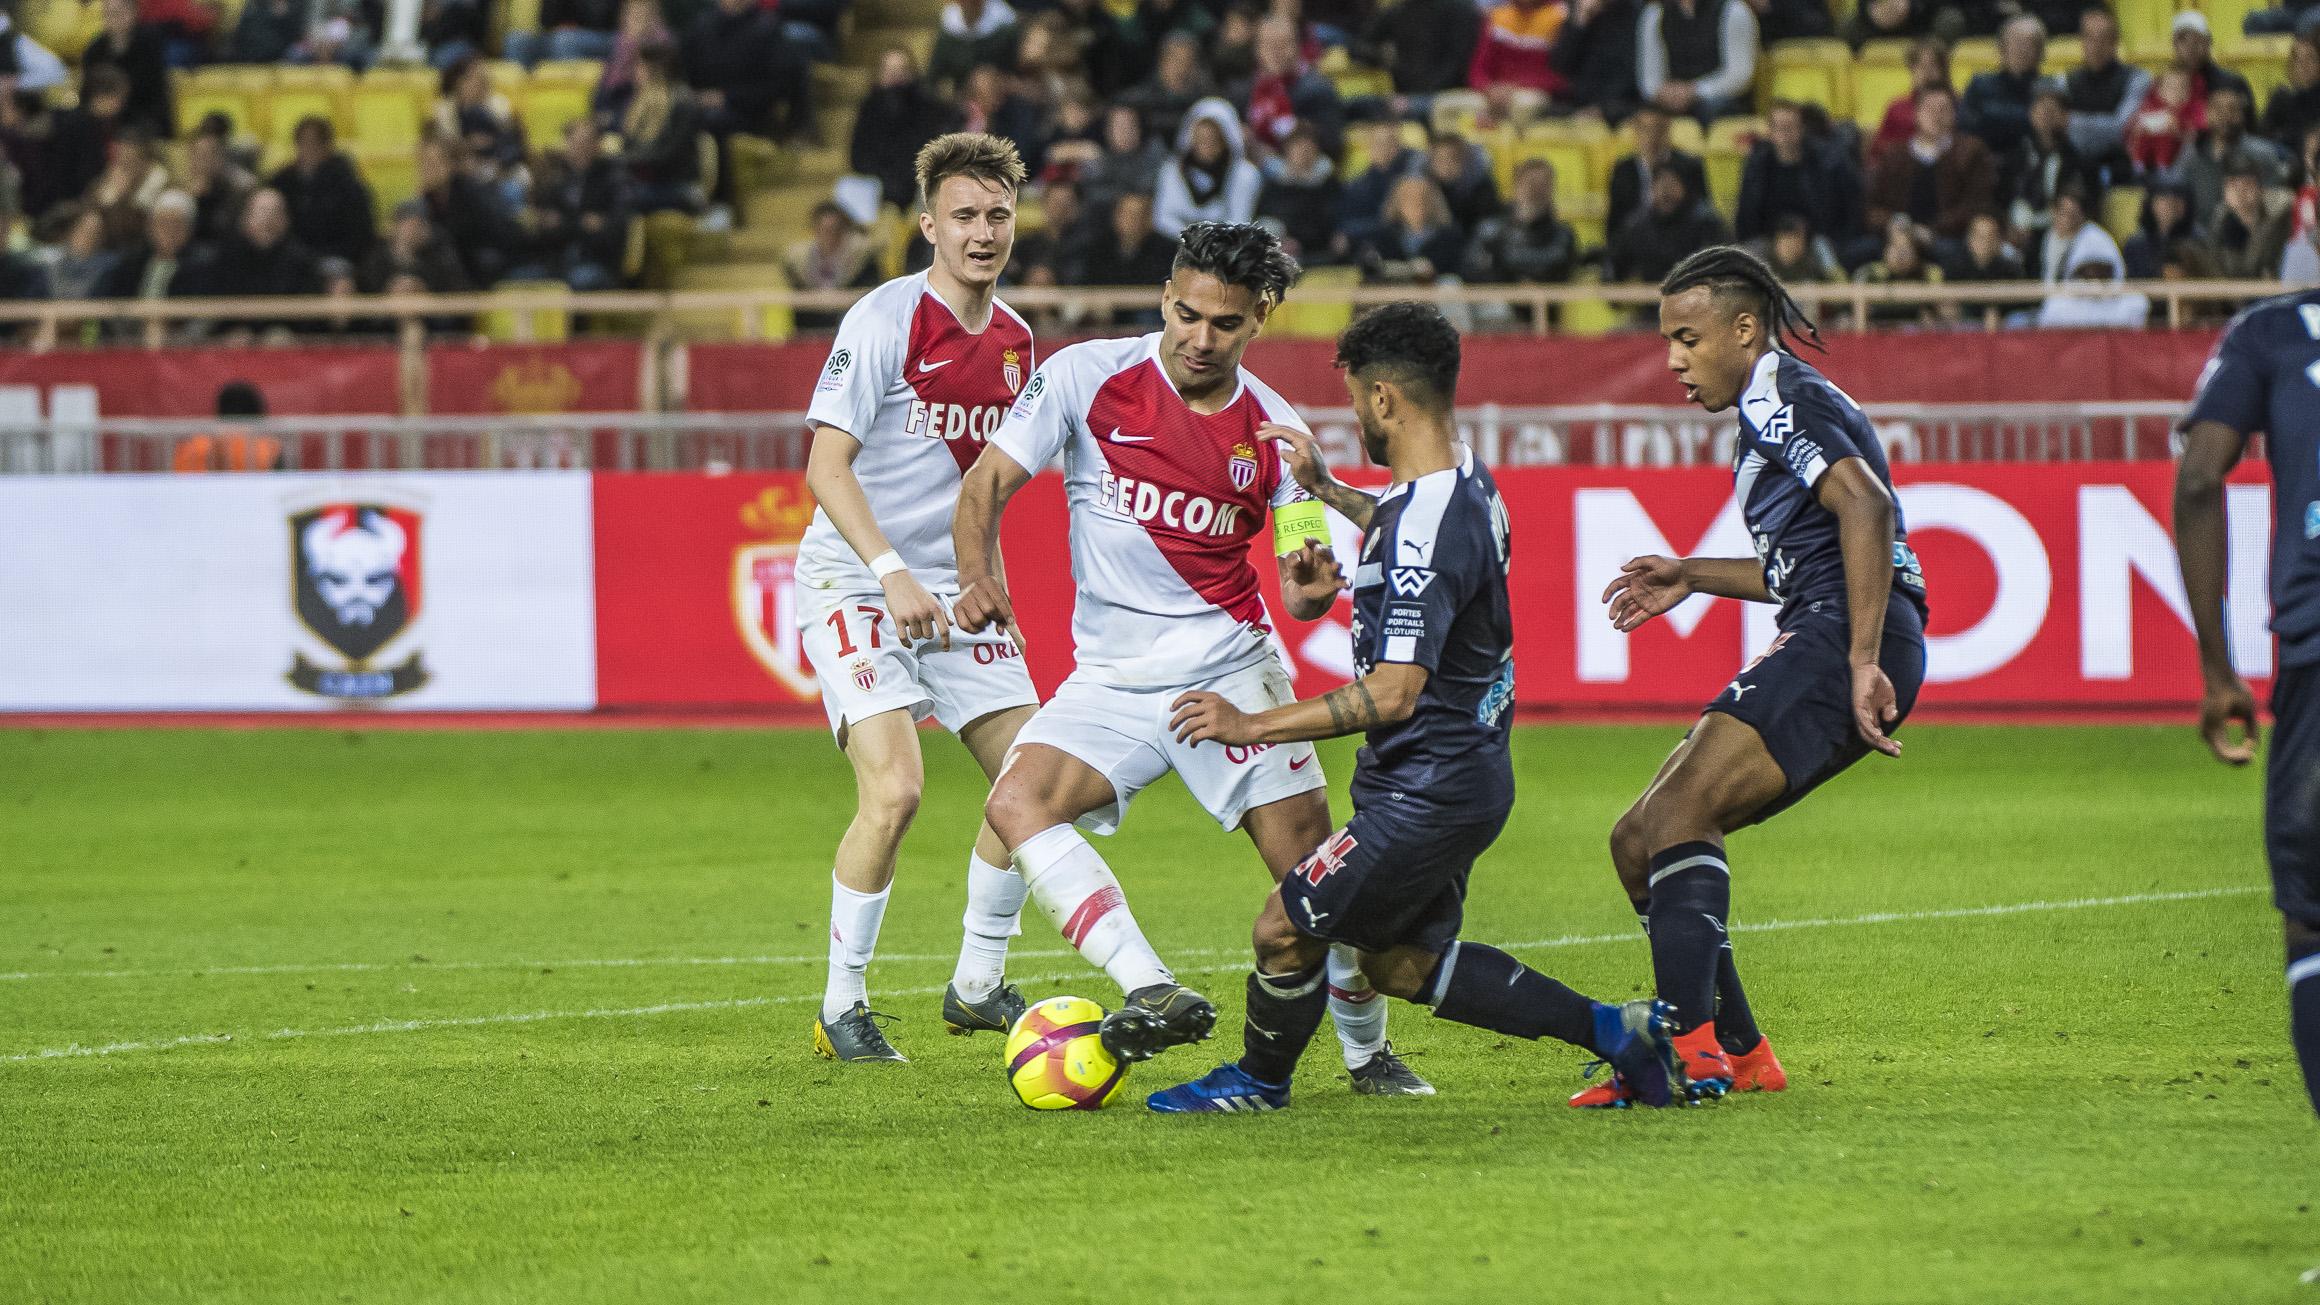 HIGHLIGHTS : AS Monaco 1-1 Bordeaux - AS Monaco